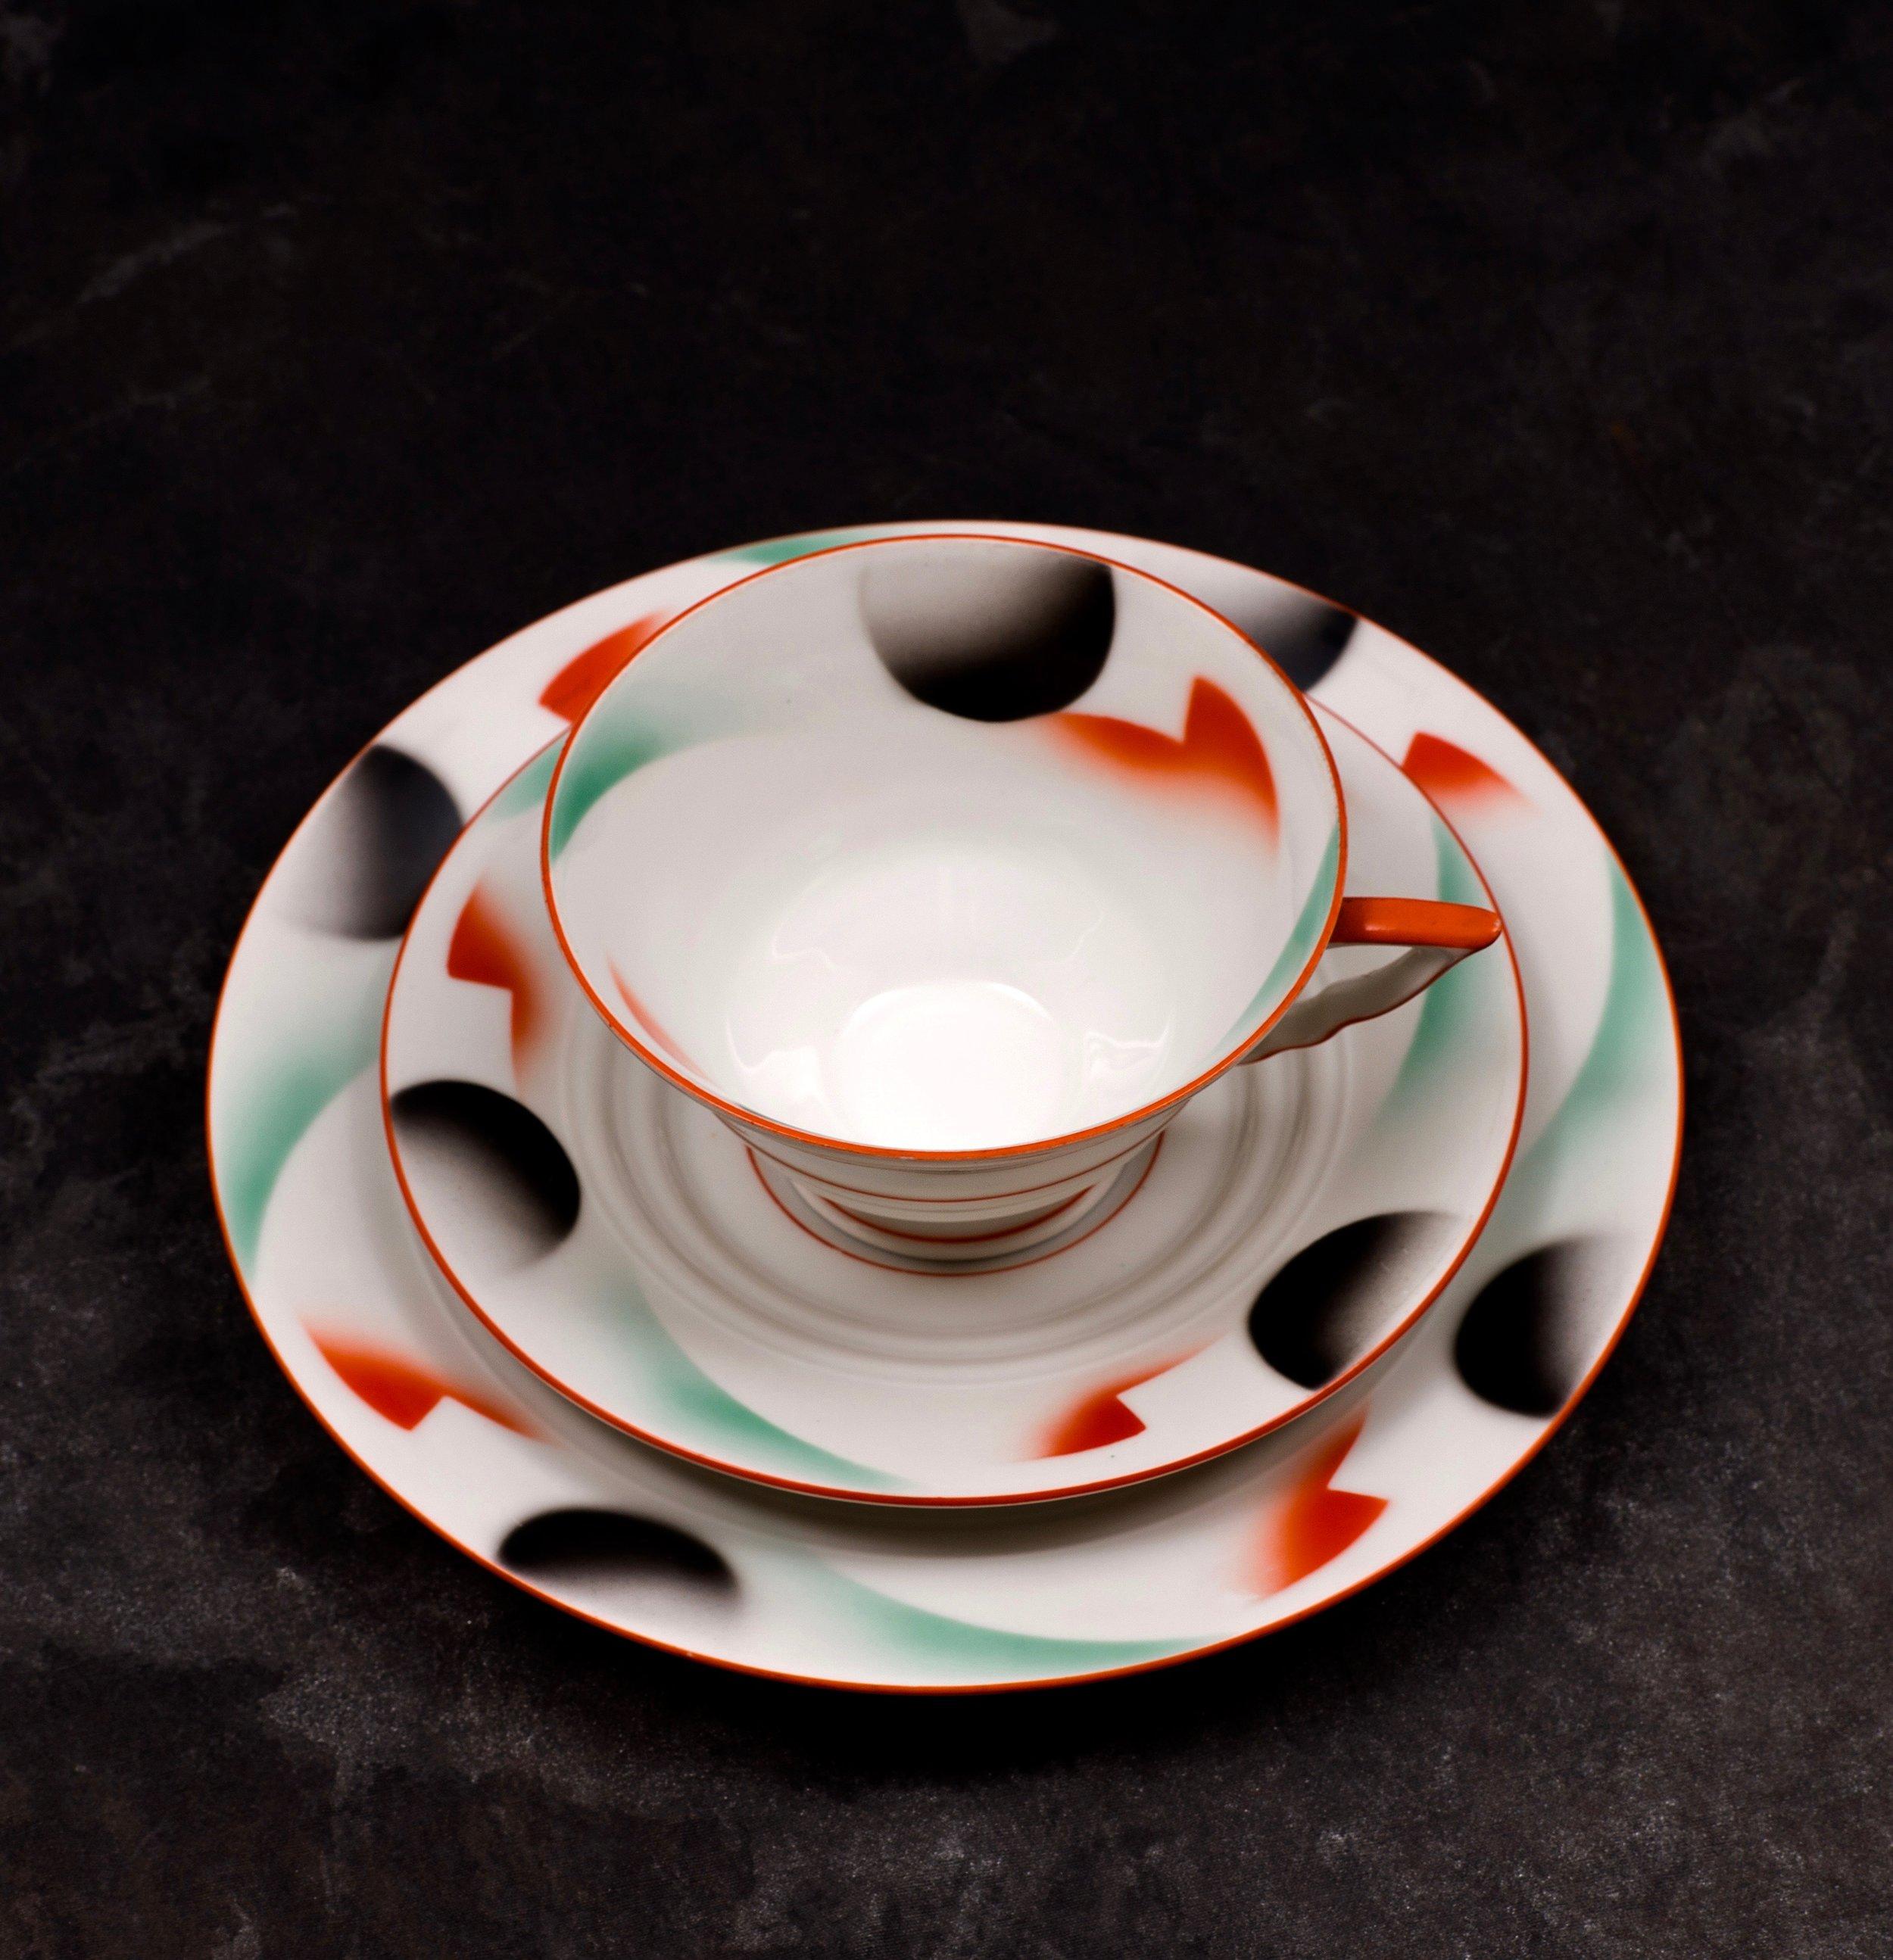 #102 Cup, saucer & plate, Porzellanfabrik Kahla, ca.1930-1932.